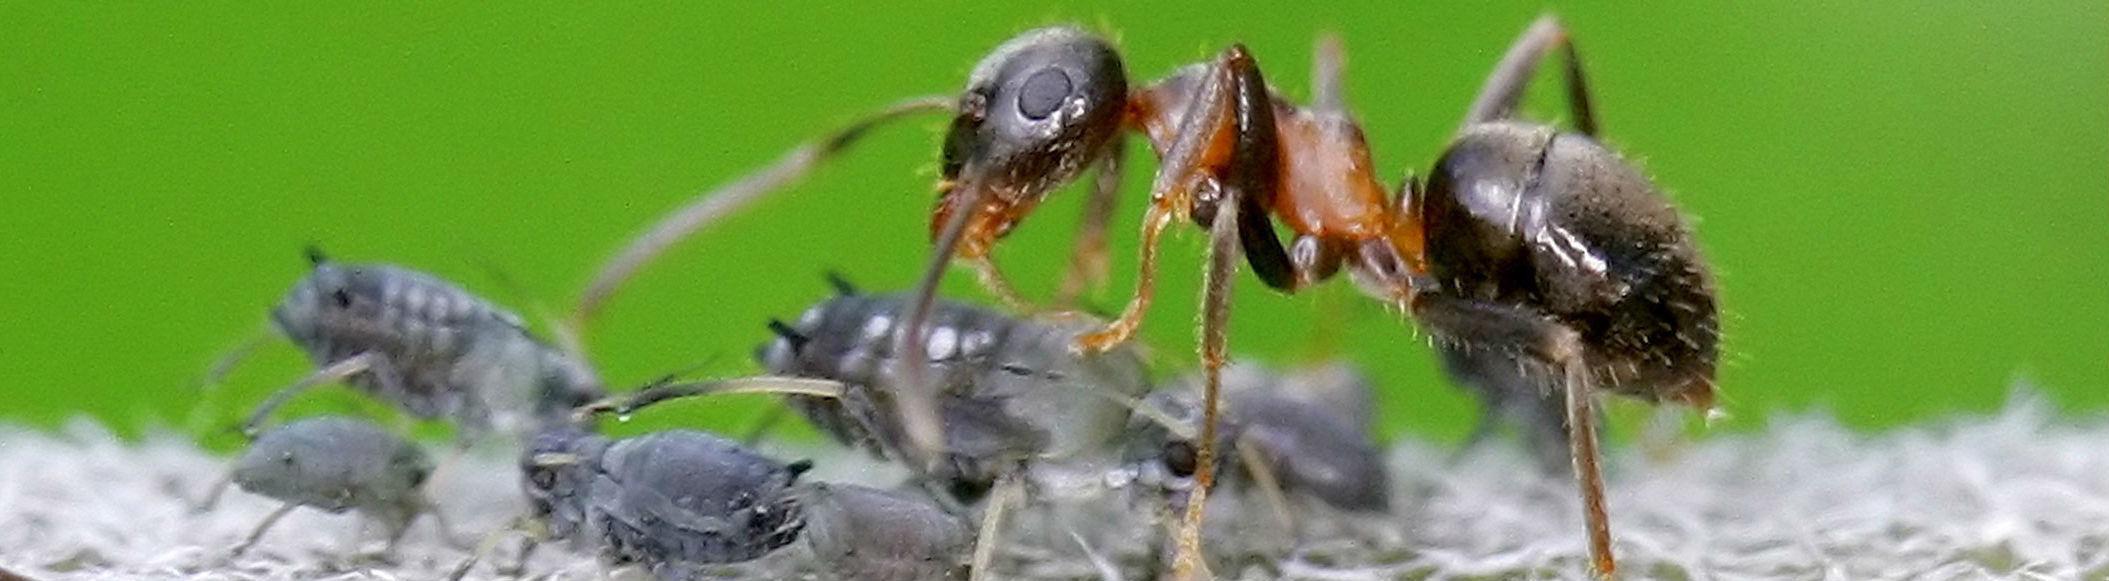 Ameisen sind die Hirten von Blattläusen.